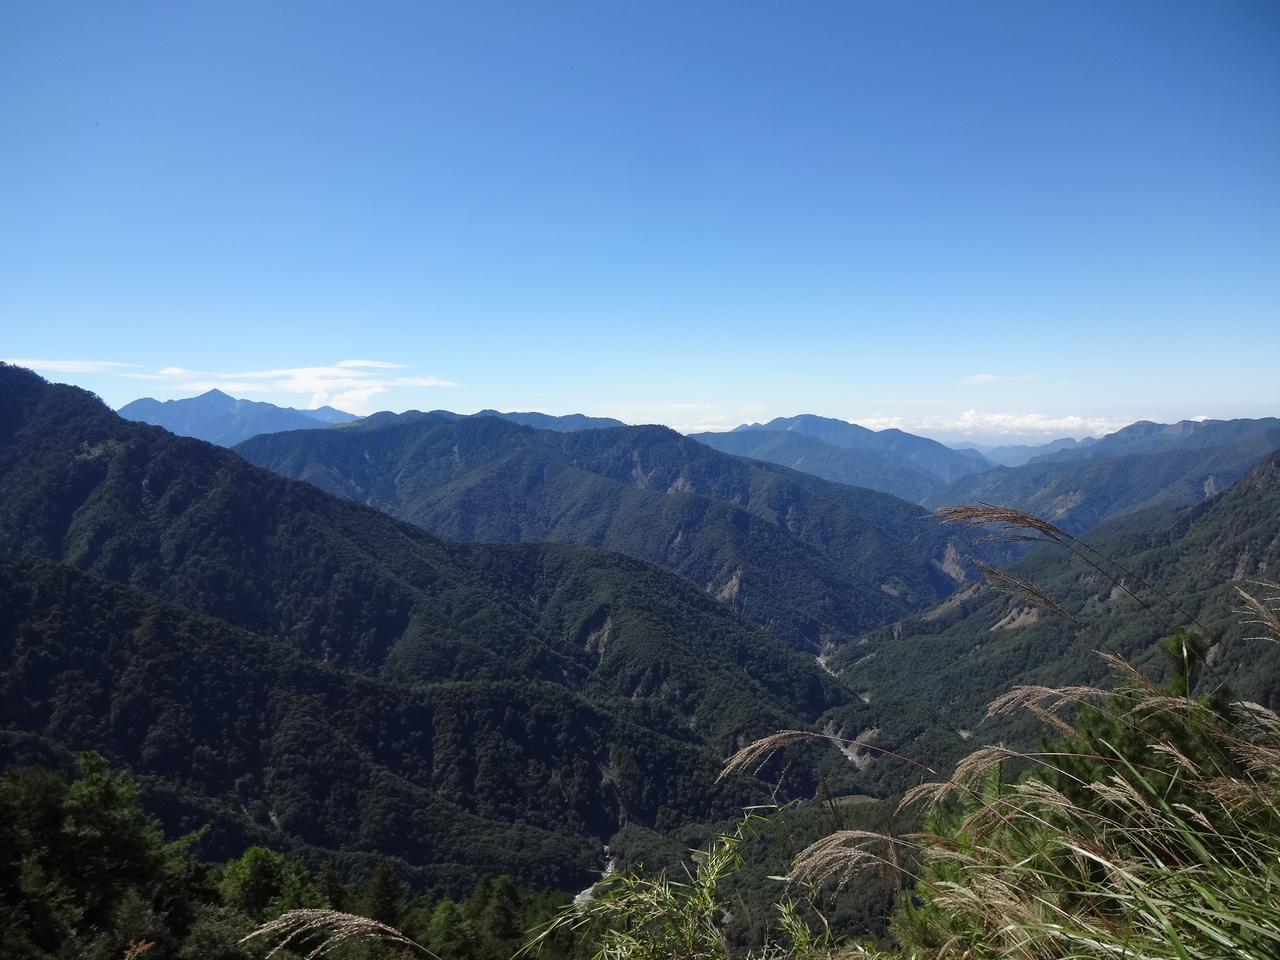 画像: 登山口からしばらく、右手にずっと山並みの景色が広がります。